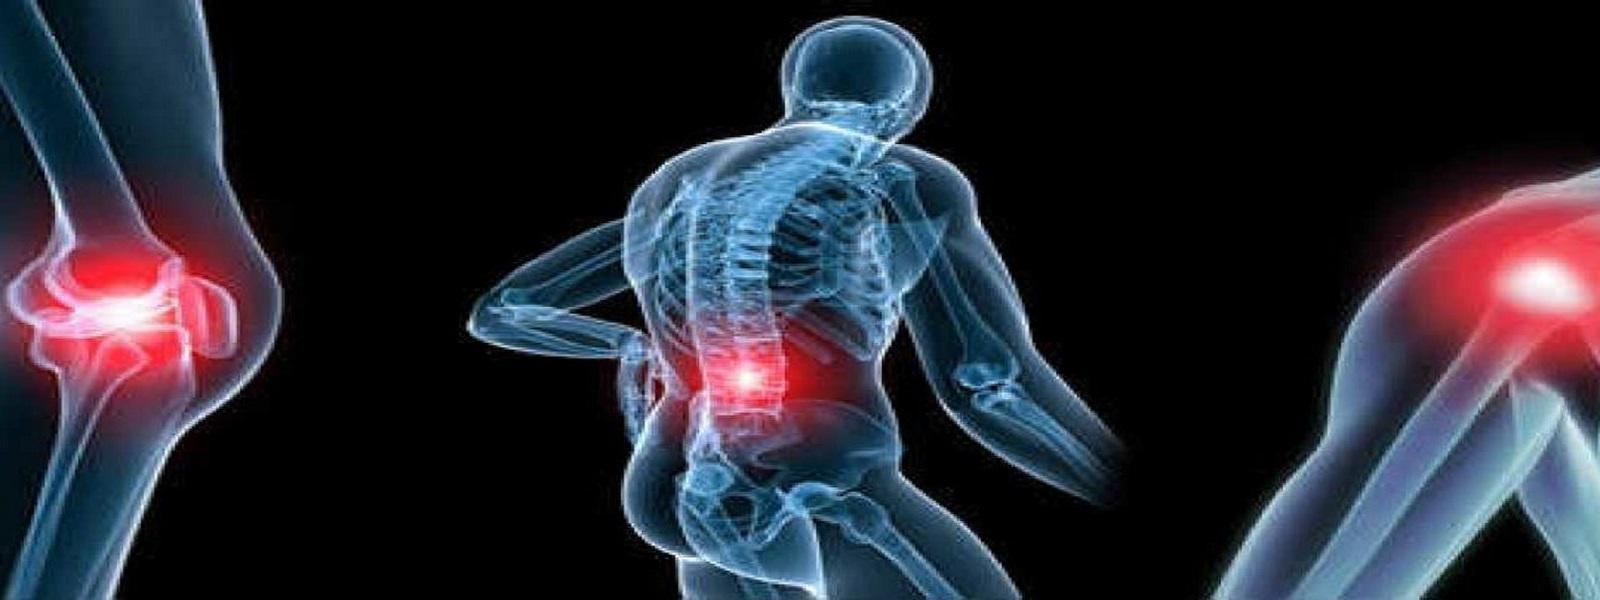 Артралгии: что это такое, симптомы и лечение